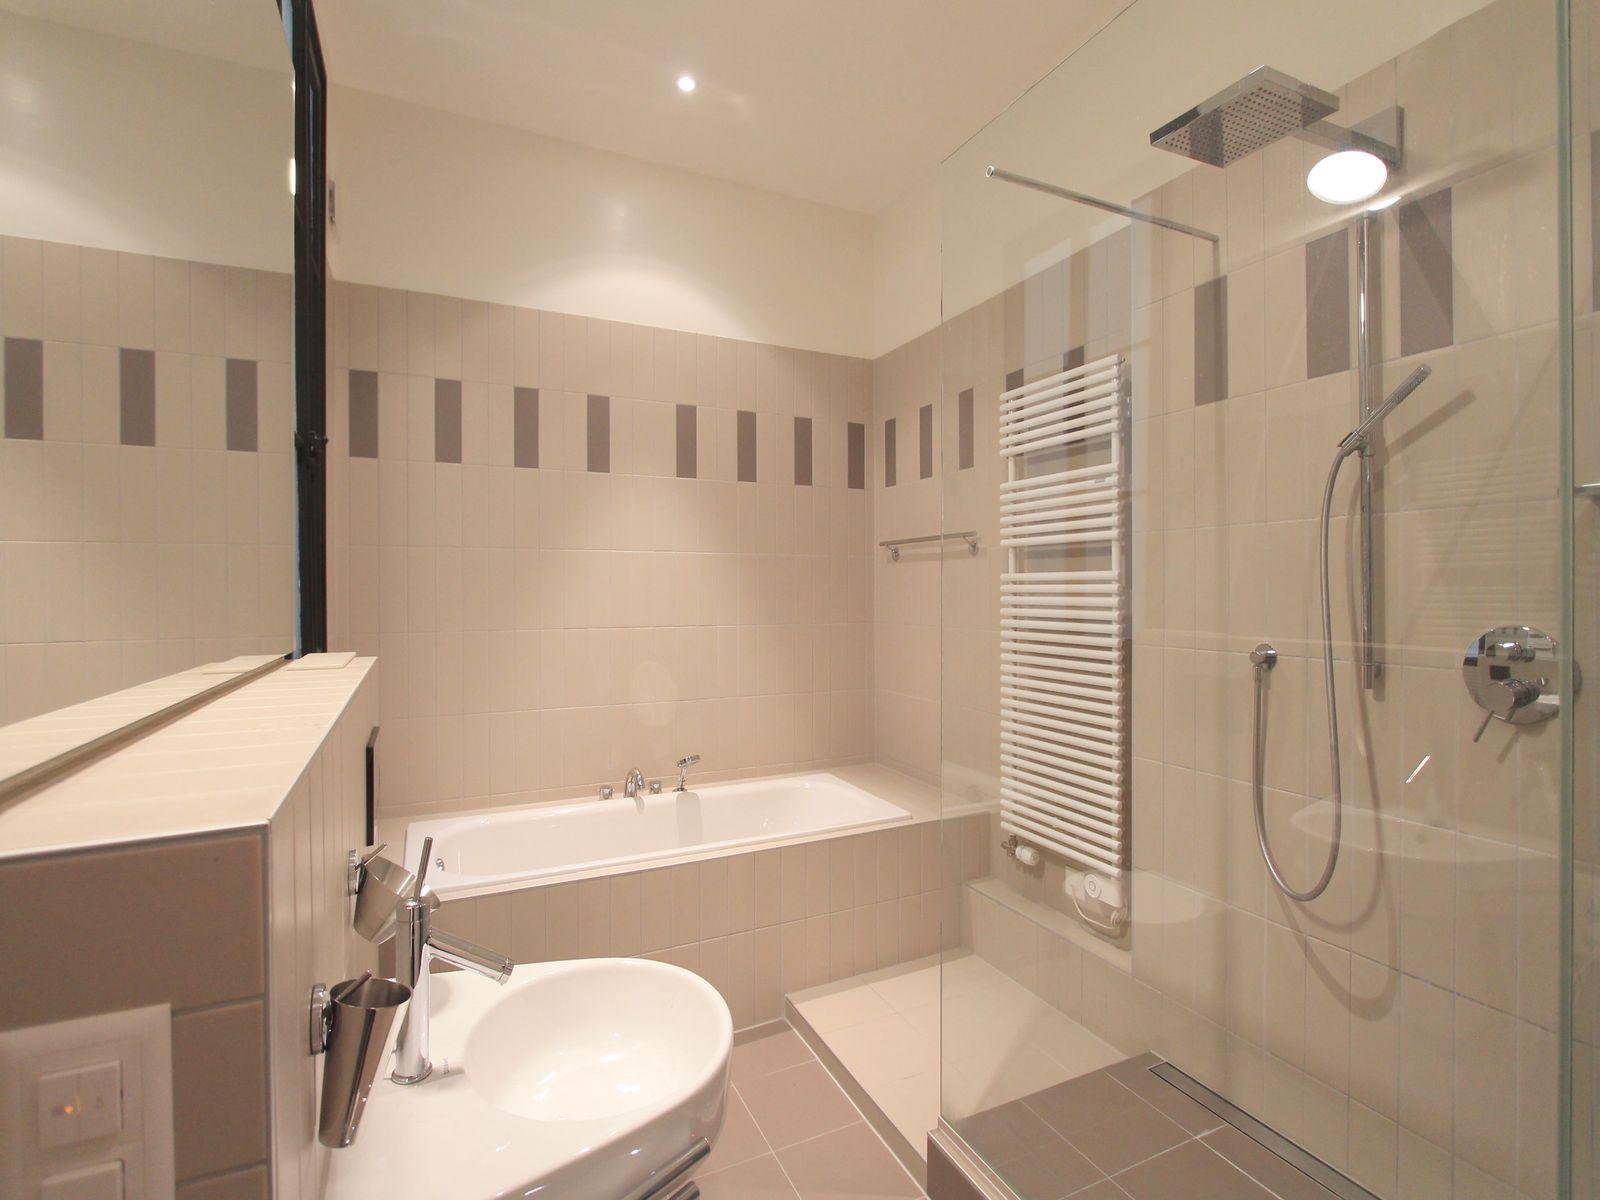 Salle-de-bains très contemporaine, baignoire, garnde douche lavabo,...